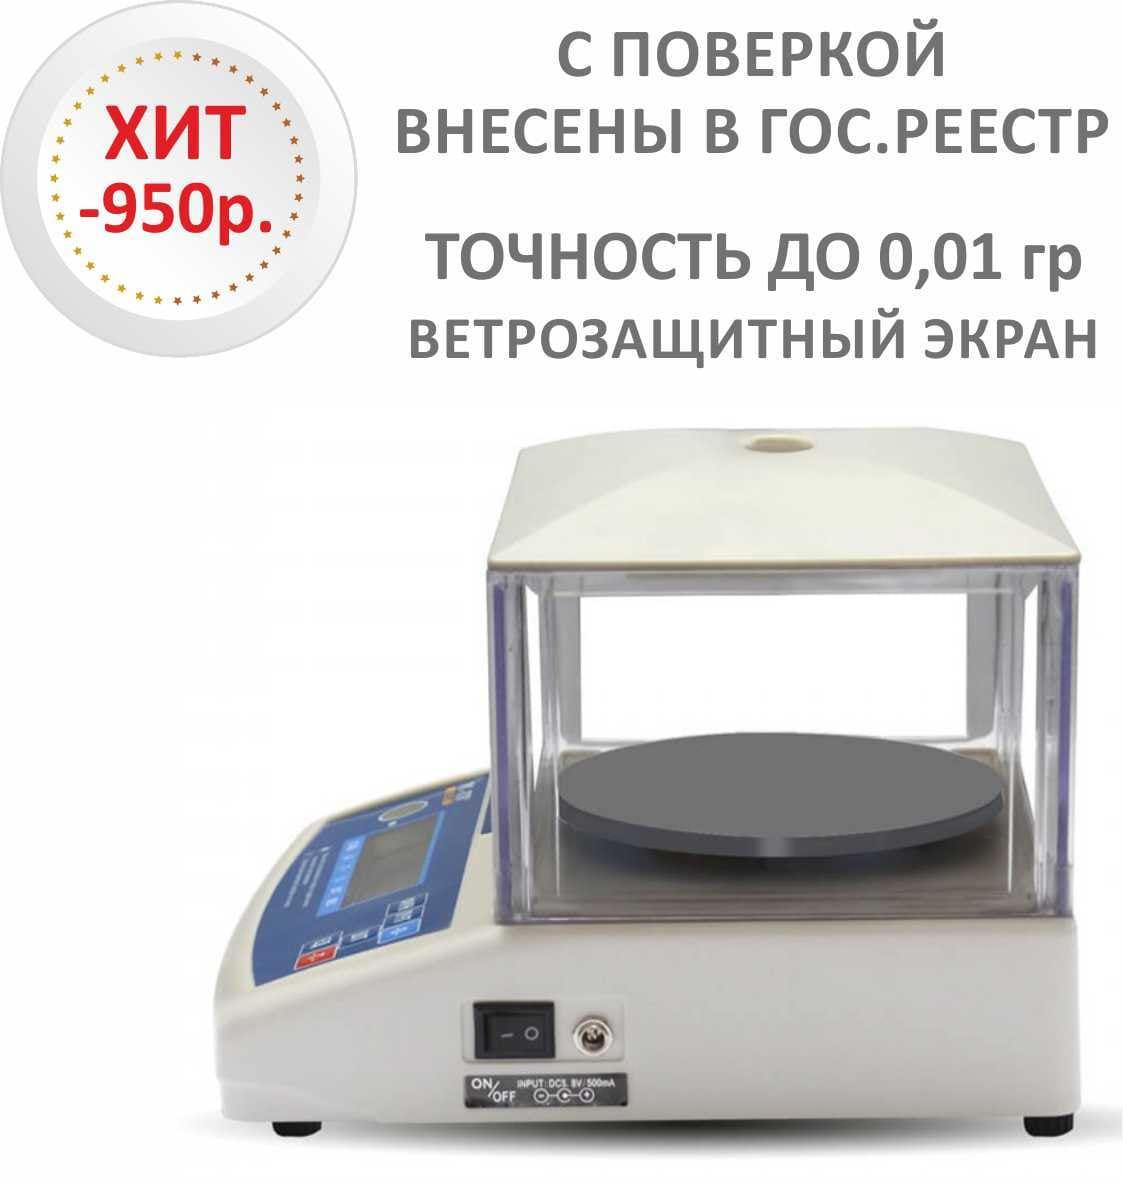 Весы лабораторные/аналитические M-ER 122 АCFJR-600.01 ACCURATE LCD - вид сбоку